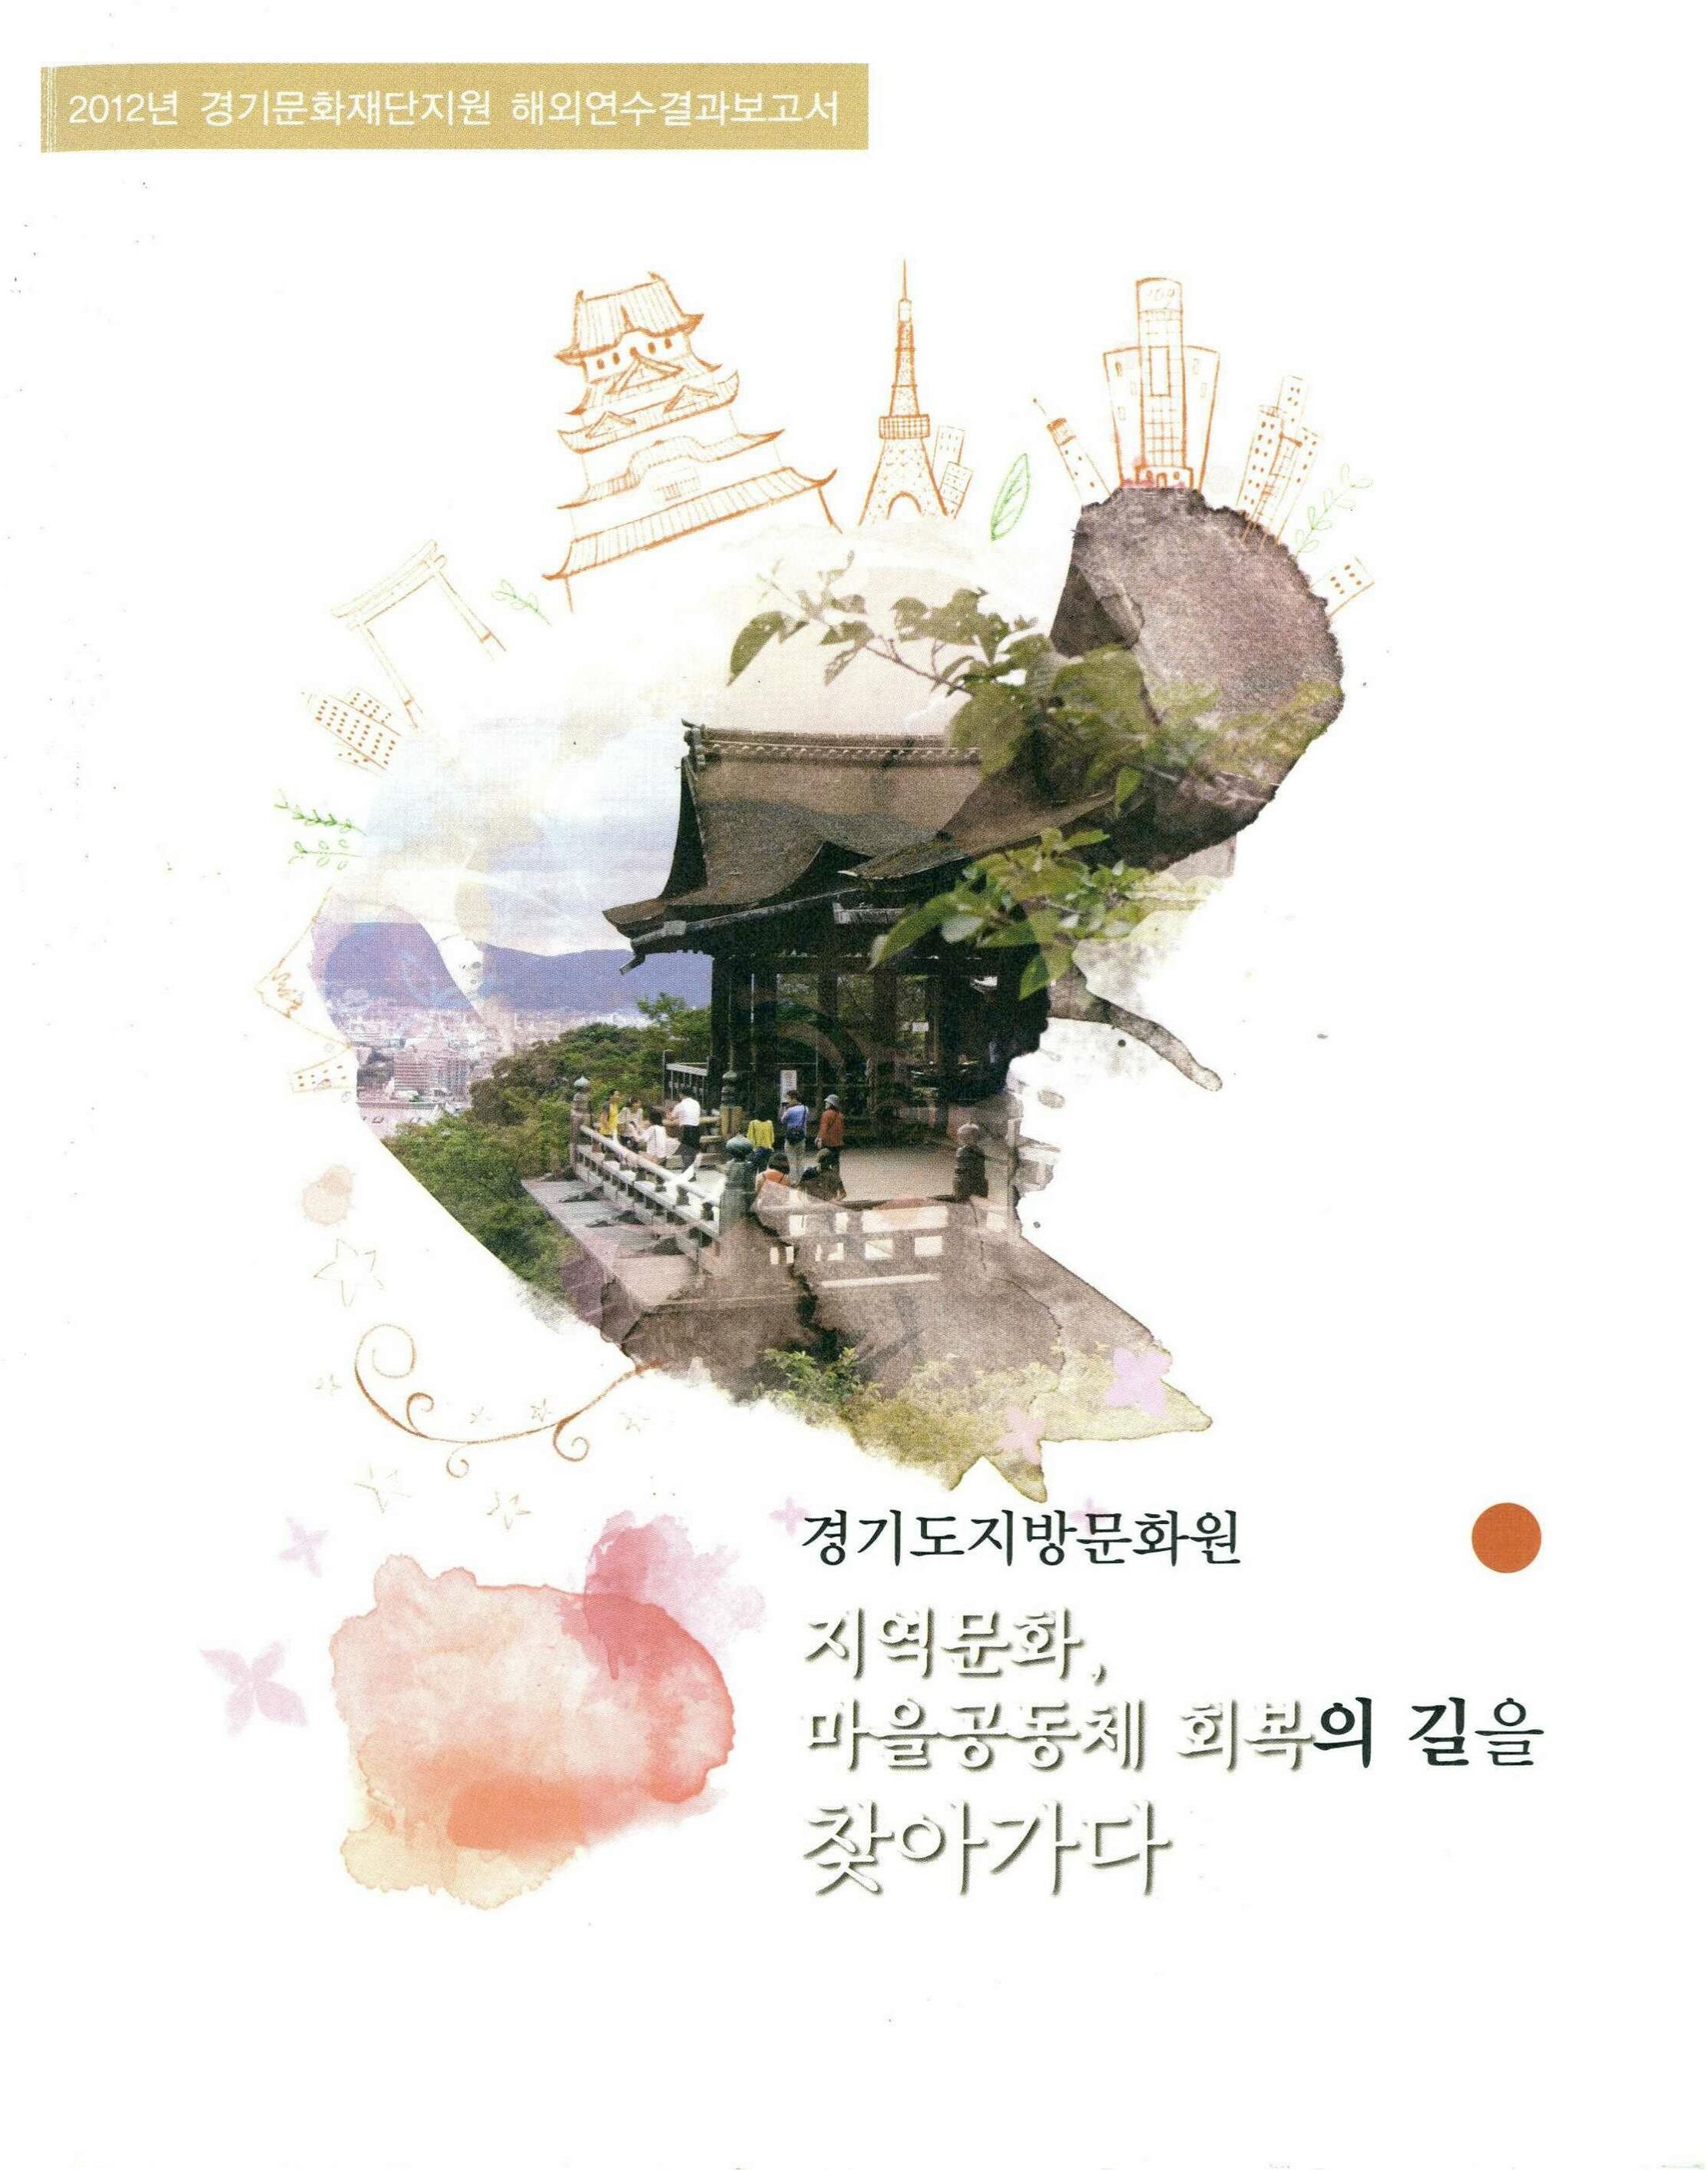 경기도지방문화원 지역문화 마을공동체 회복의 길을 찾아가다